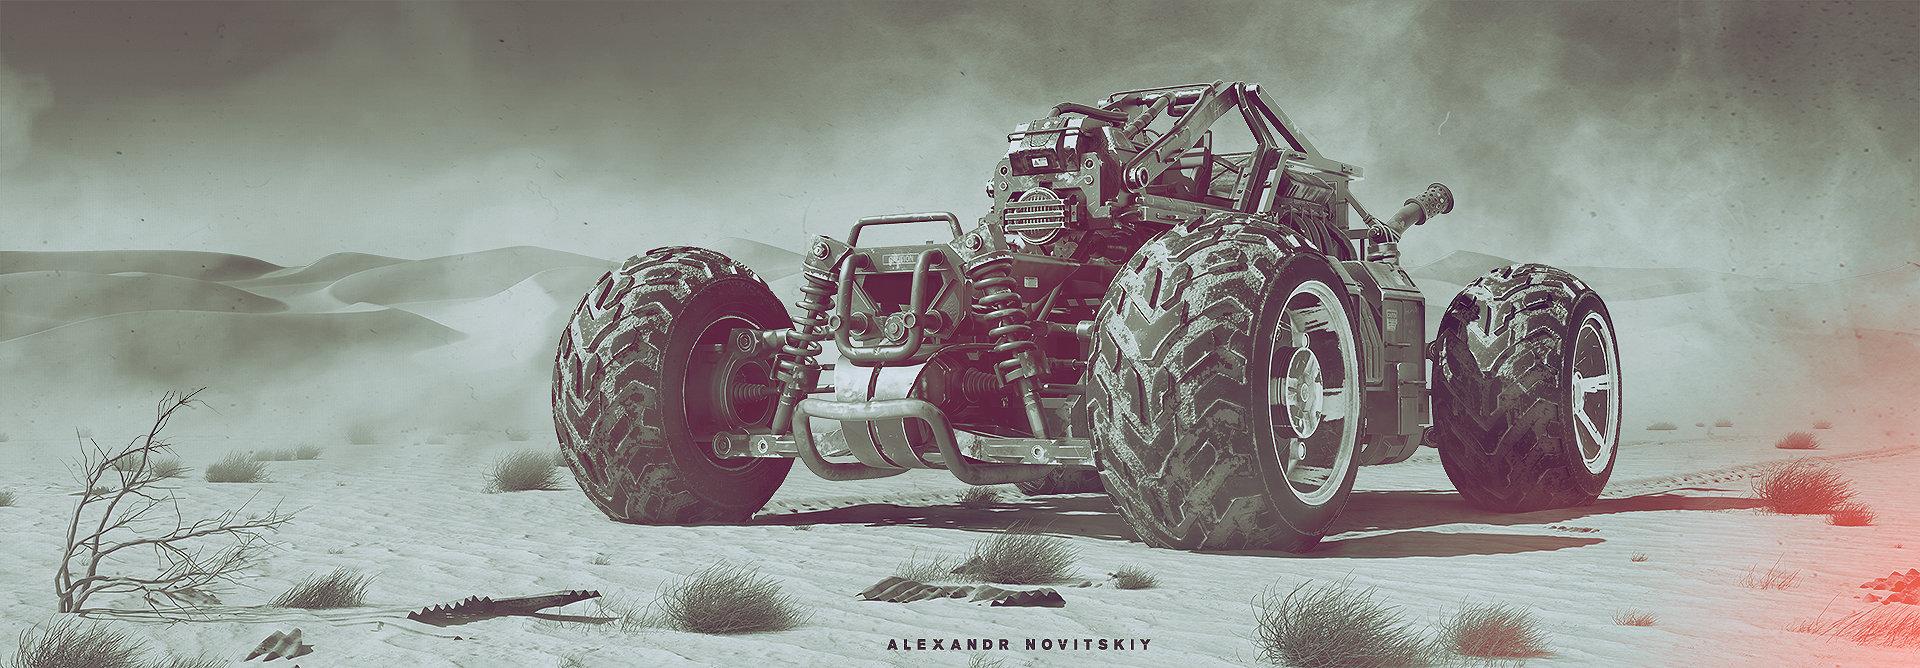 Alexandr novitskiy buggy desert 01 style